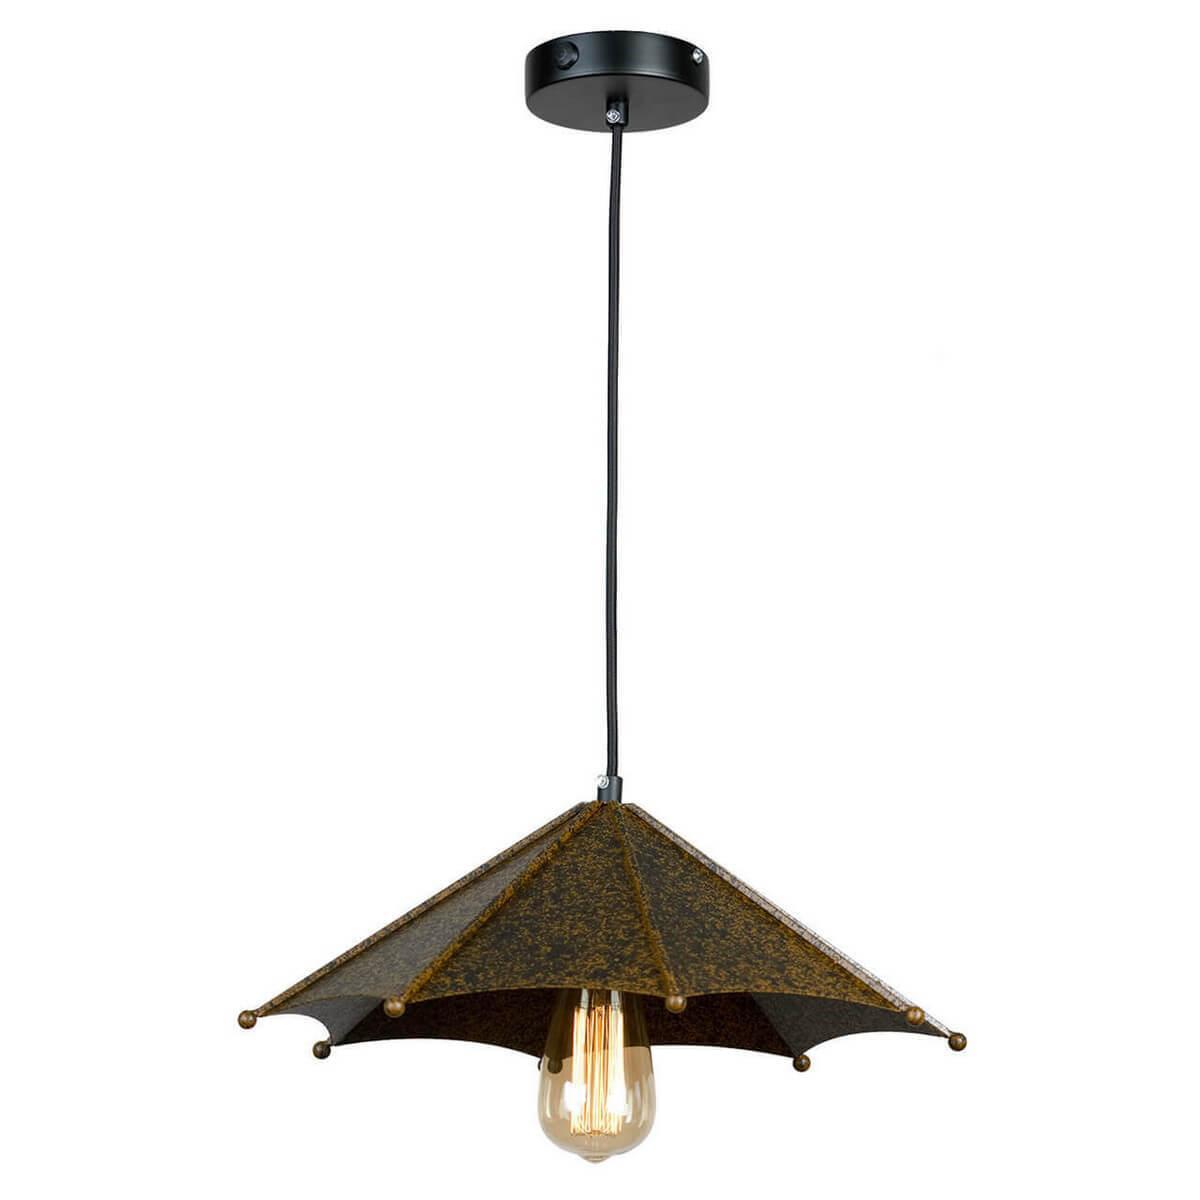 Фото - Подвесной светильник Lussole LOFT LSP-9557, E27, 60 Вт подвеcной светильник lussole loft lsp 9697